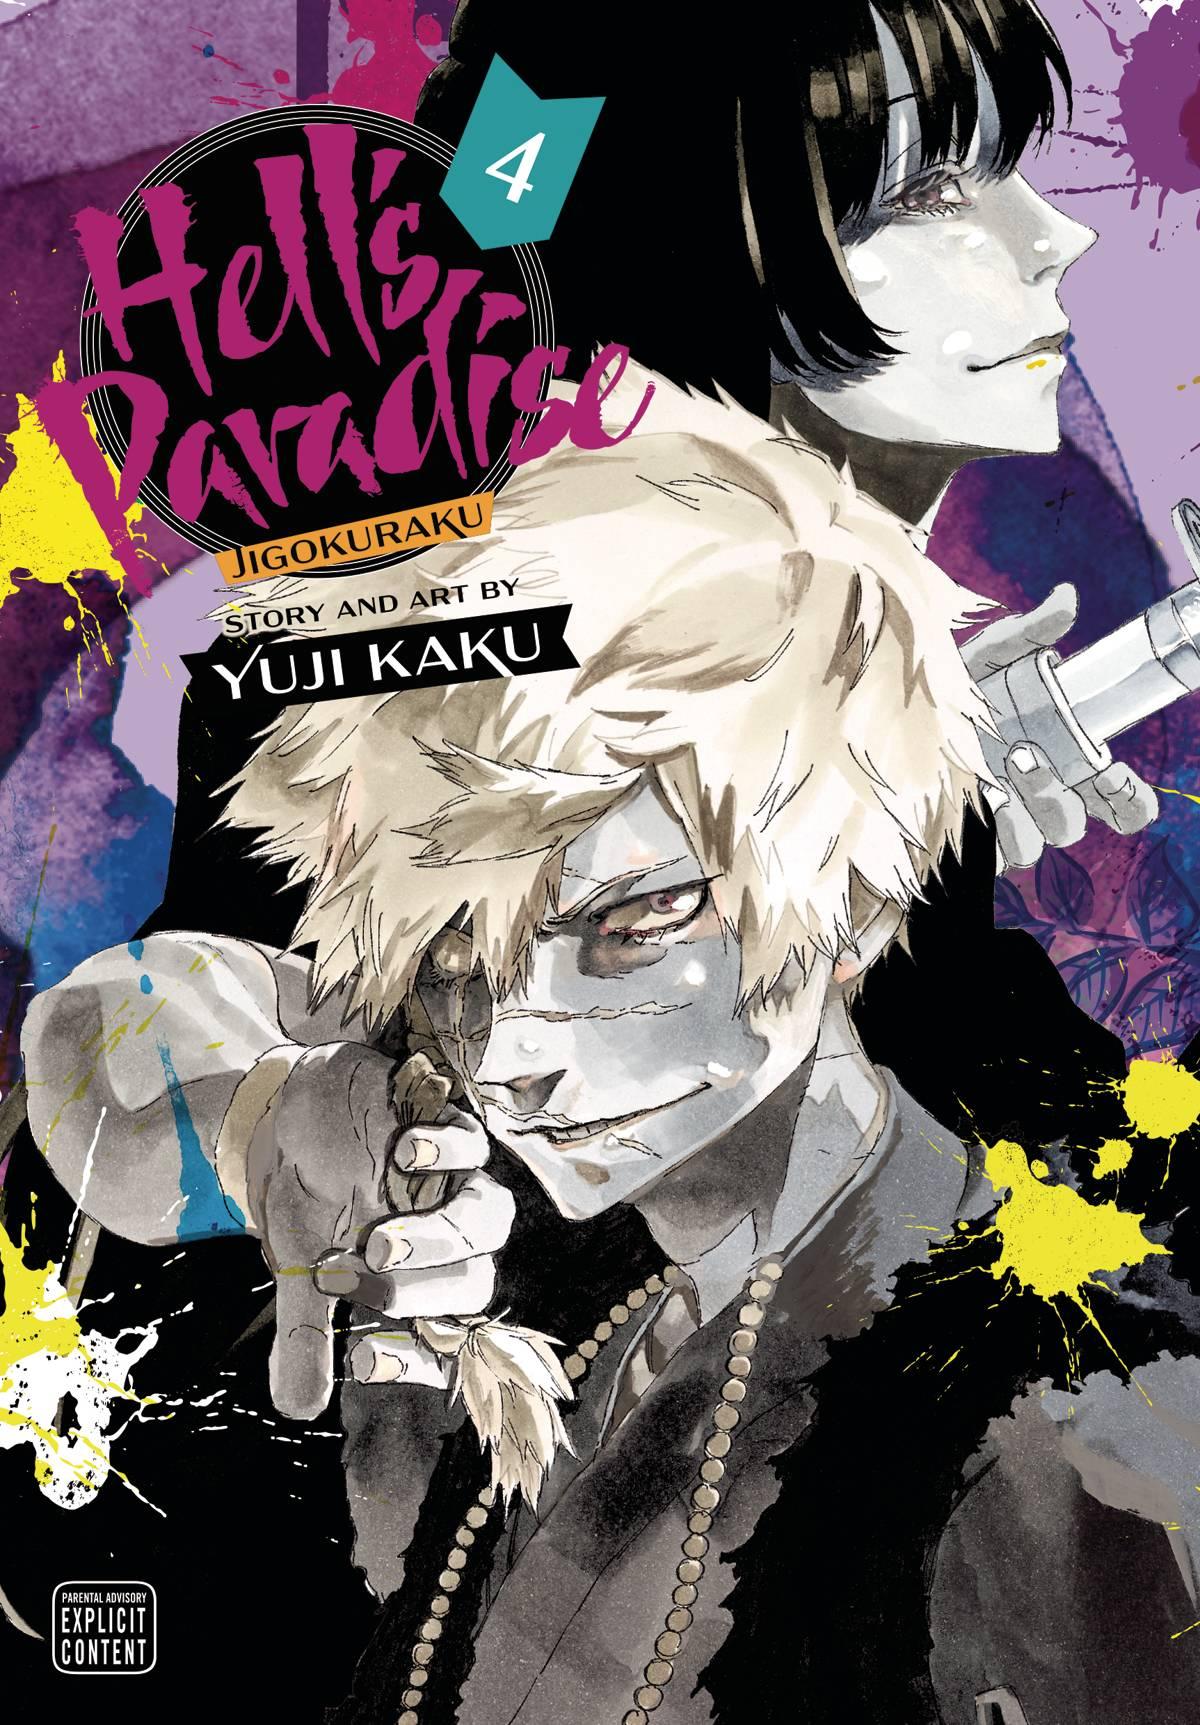 HELLS PARADISE JIGOKURAKU GN 04